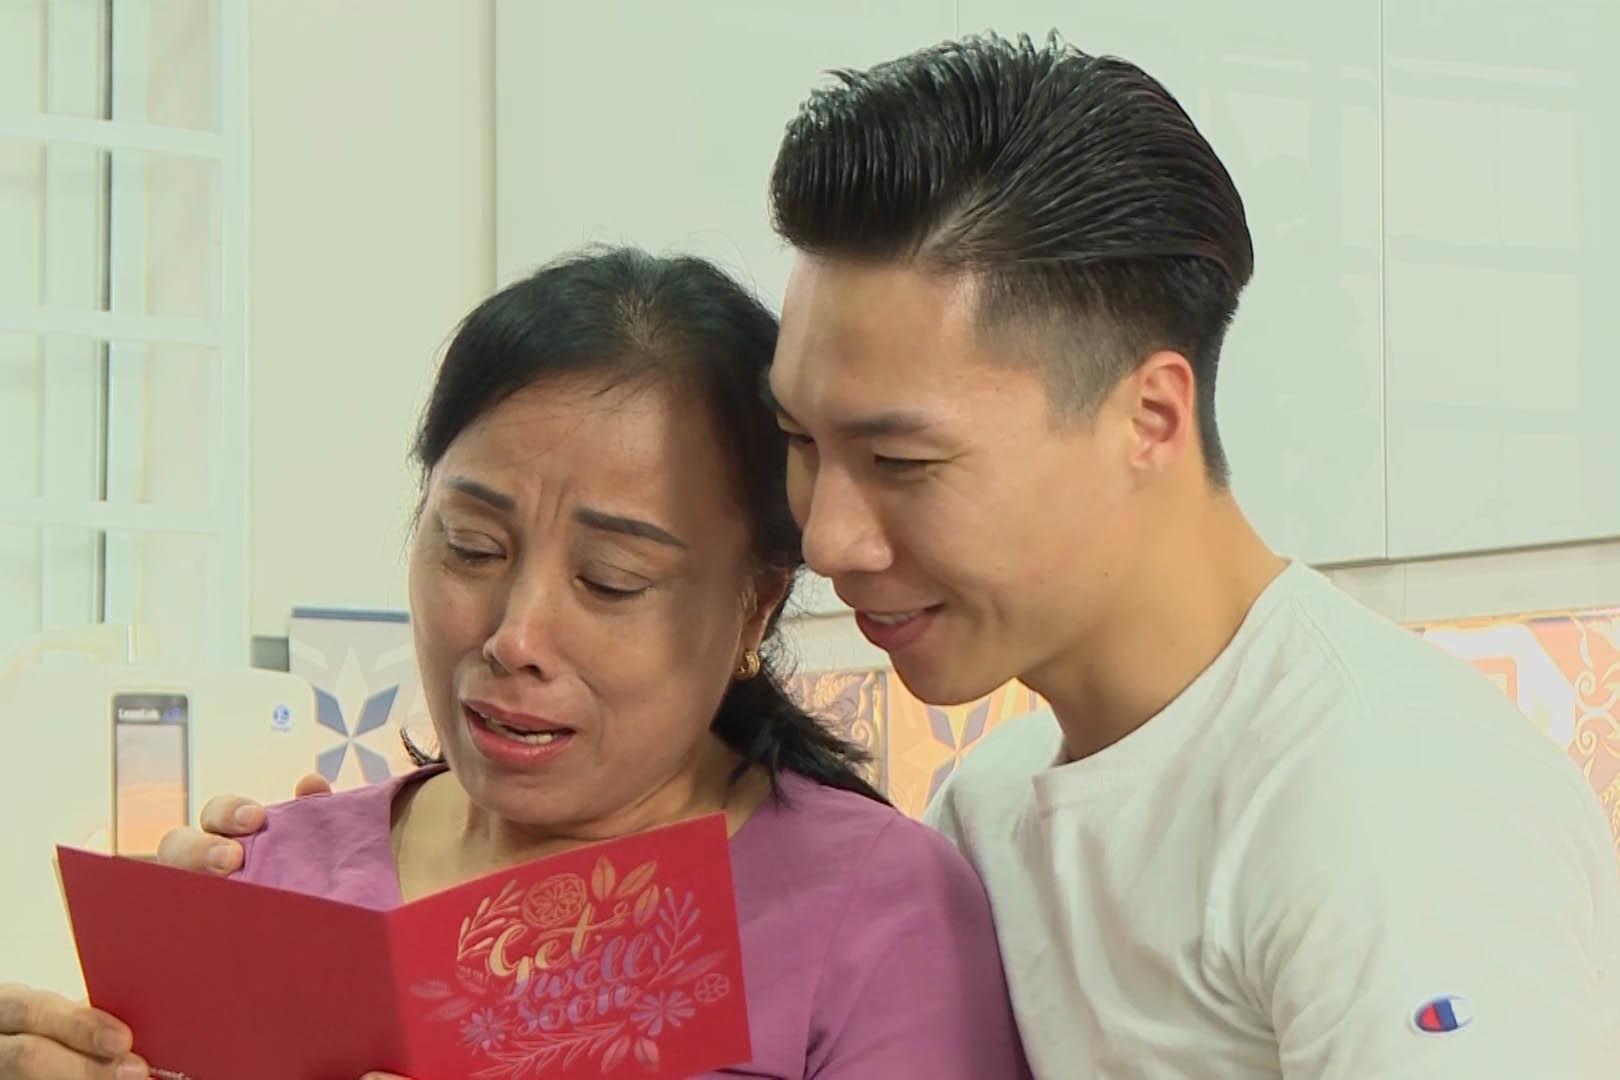 Mẹ vợ Quốc Nghiệp khóc khi lần đầu nhận được thư tay từ con rể